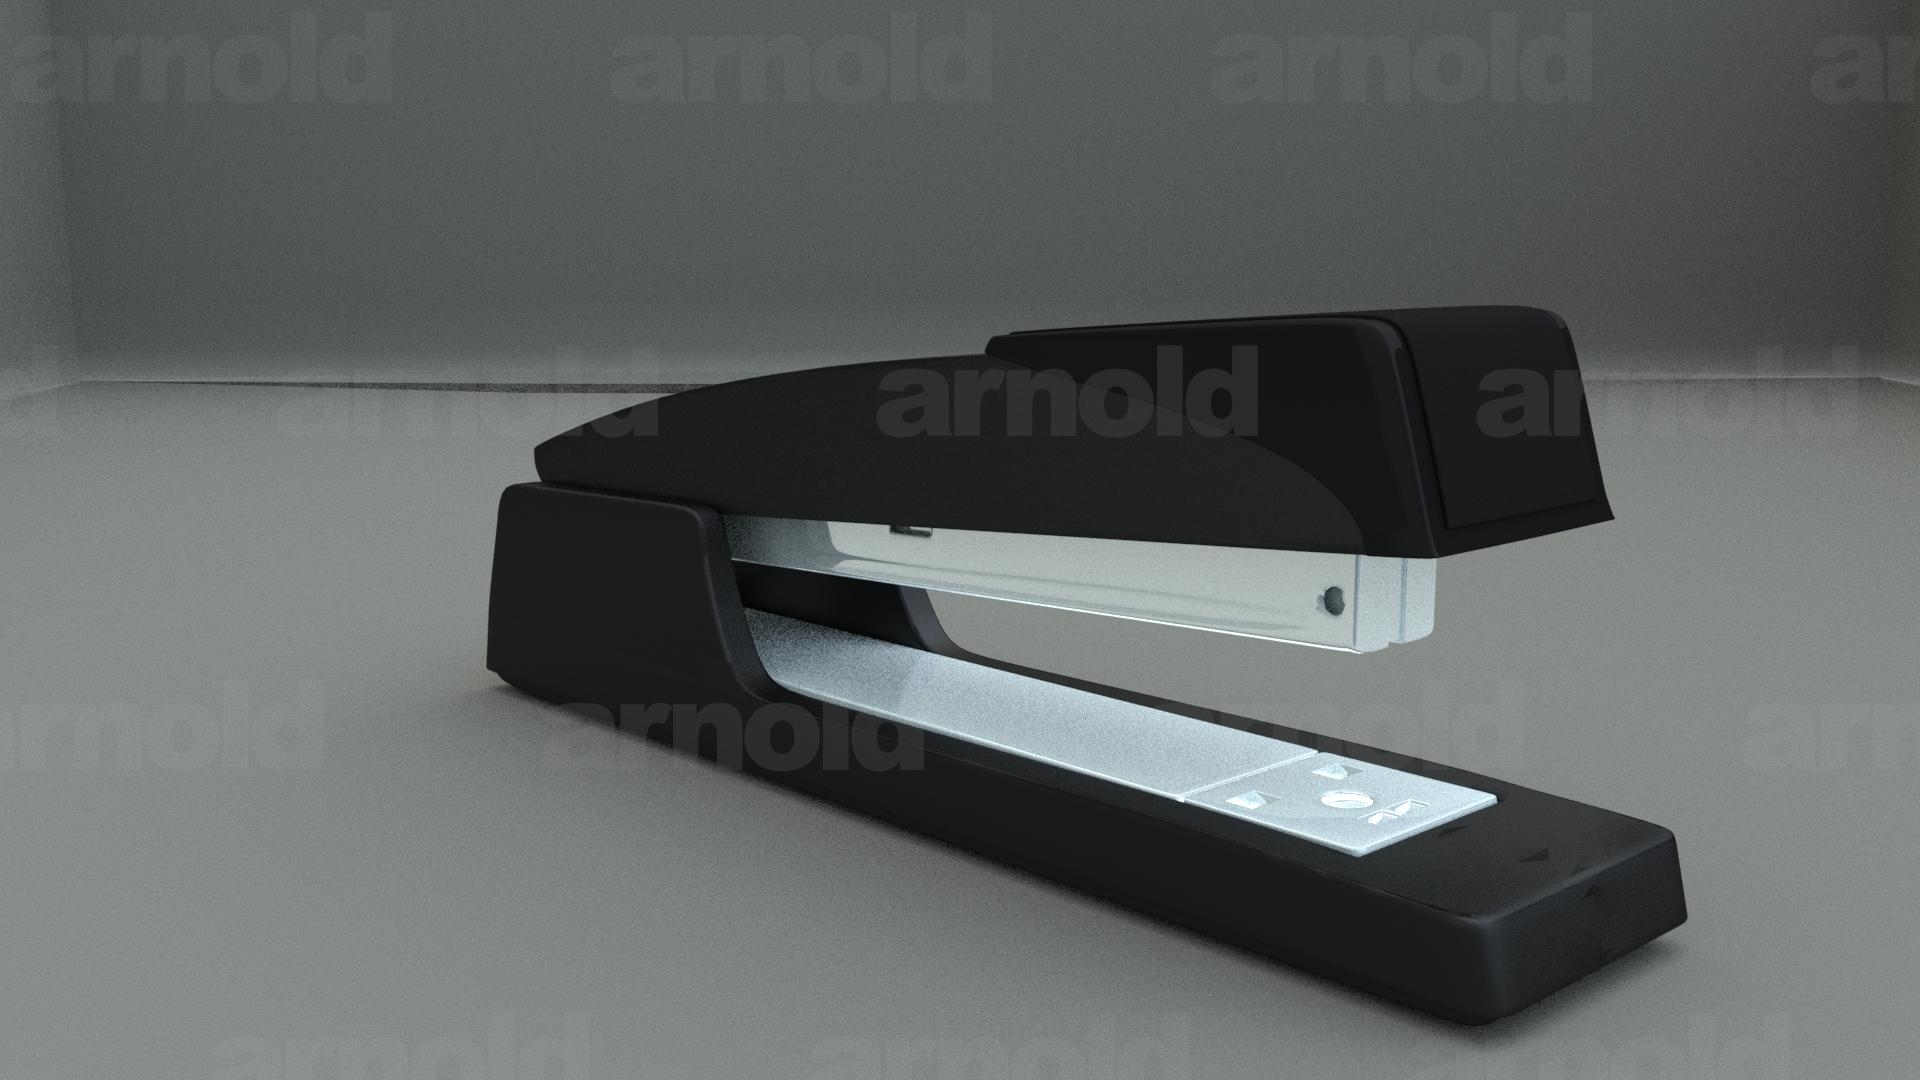 stapler_quarter_perspec_shaded.jpeg